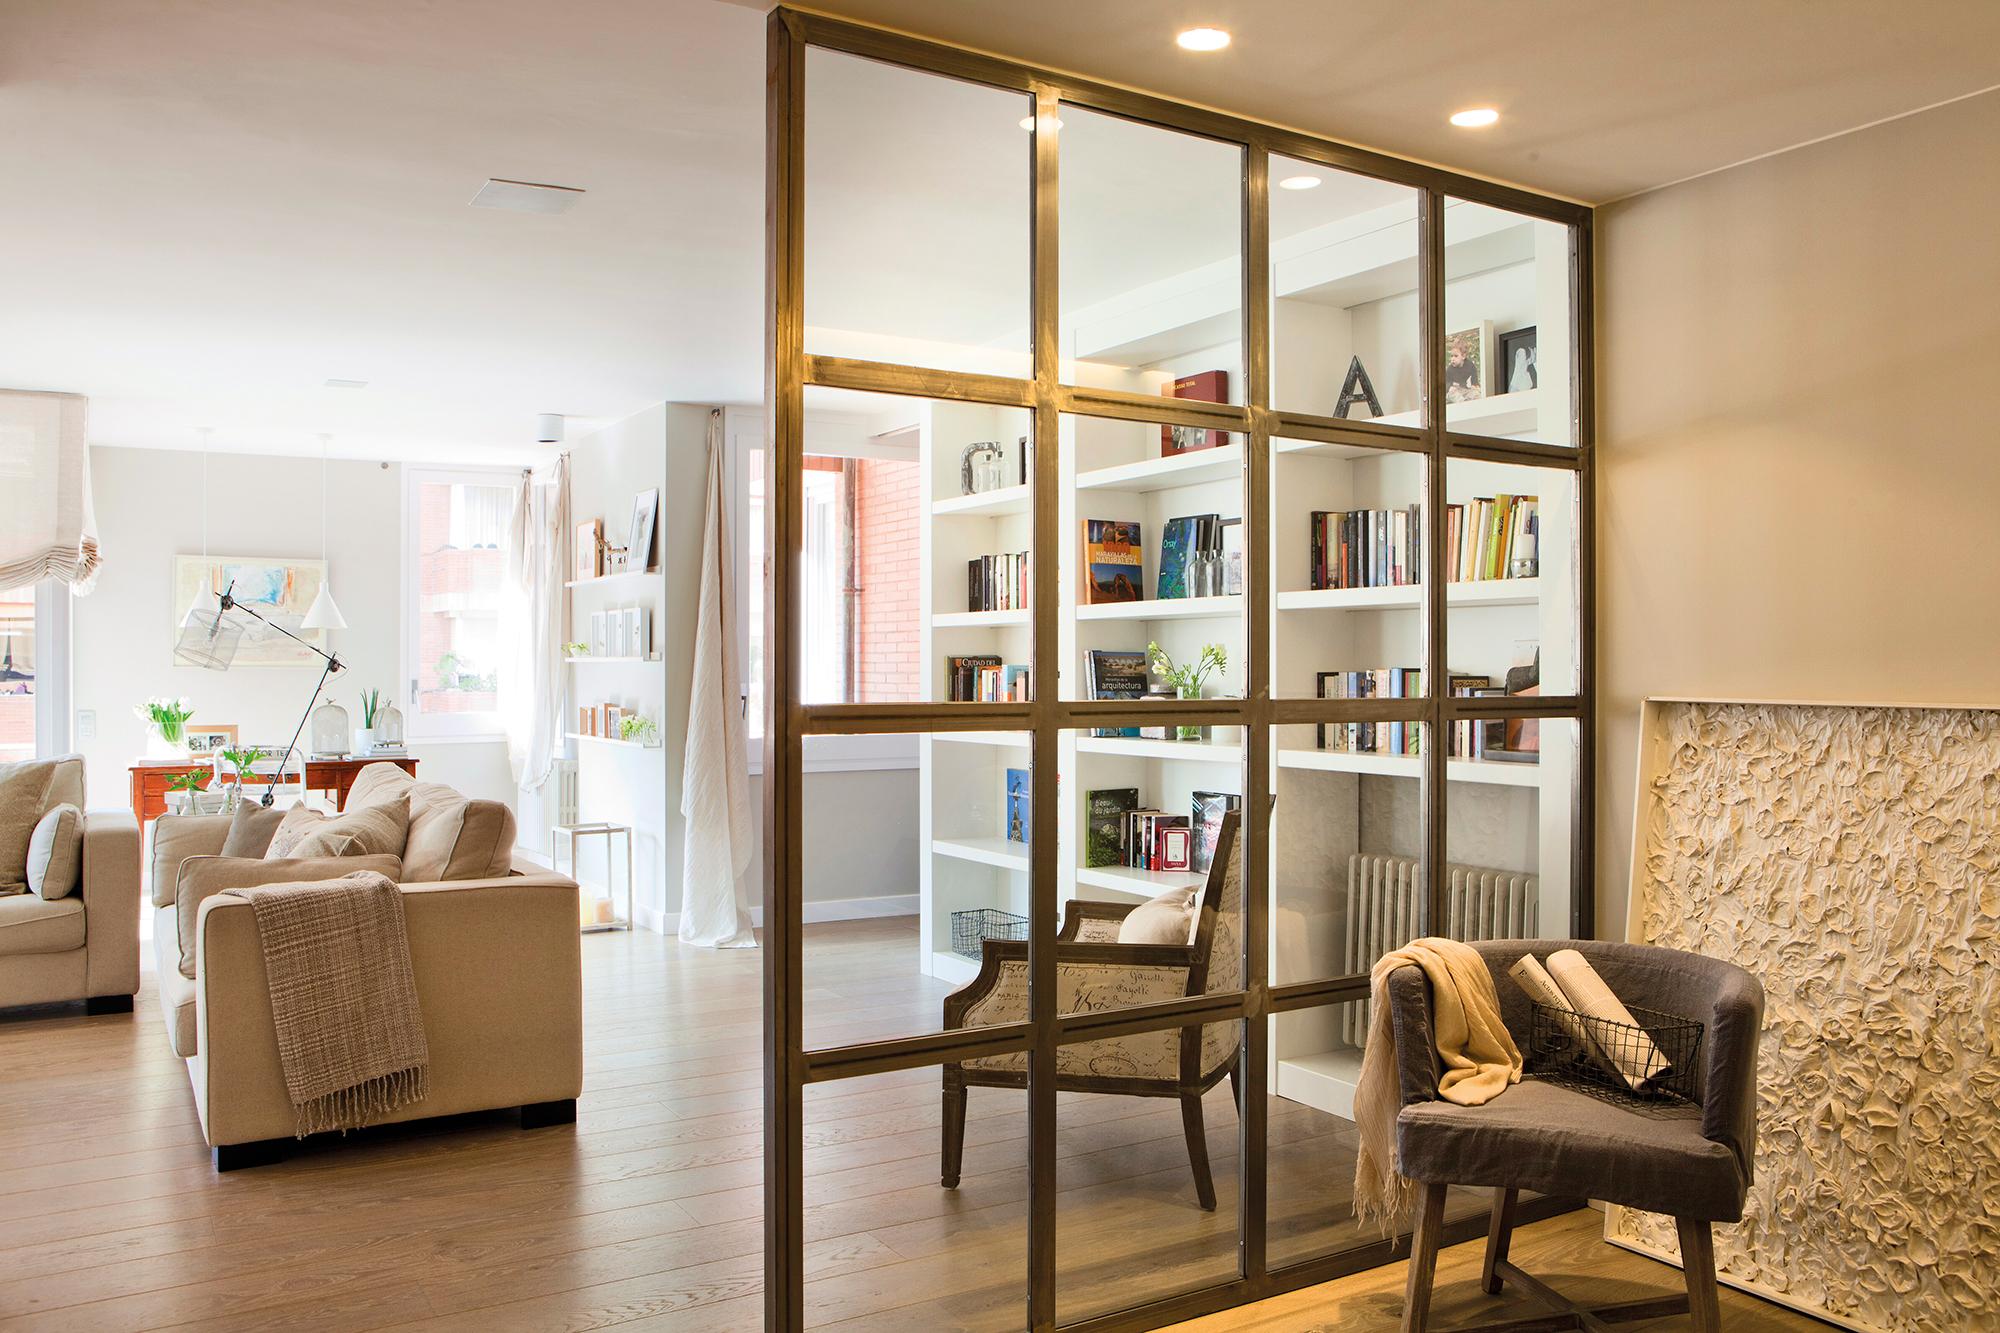 Muebles para el recibidor affordable habitdesign bbo - Habitdesign muebles ...